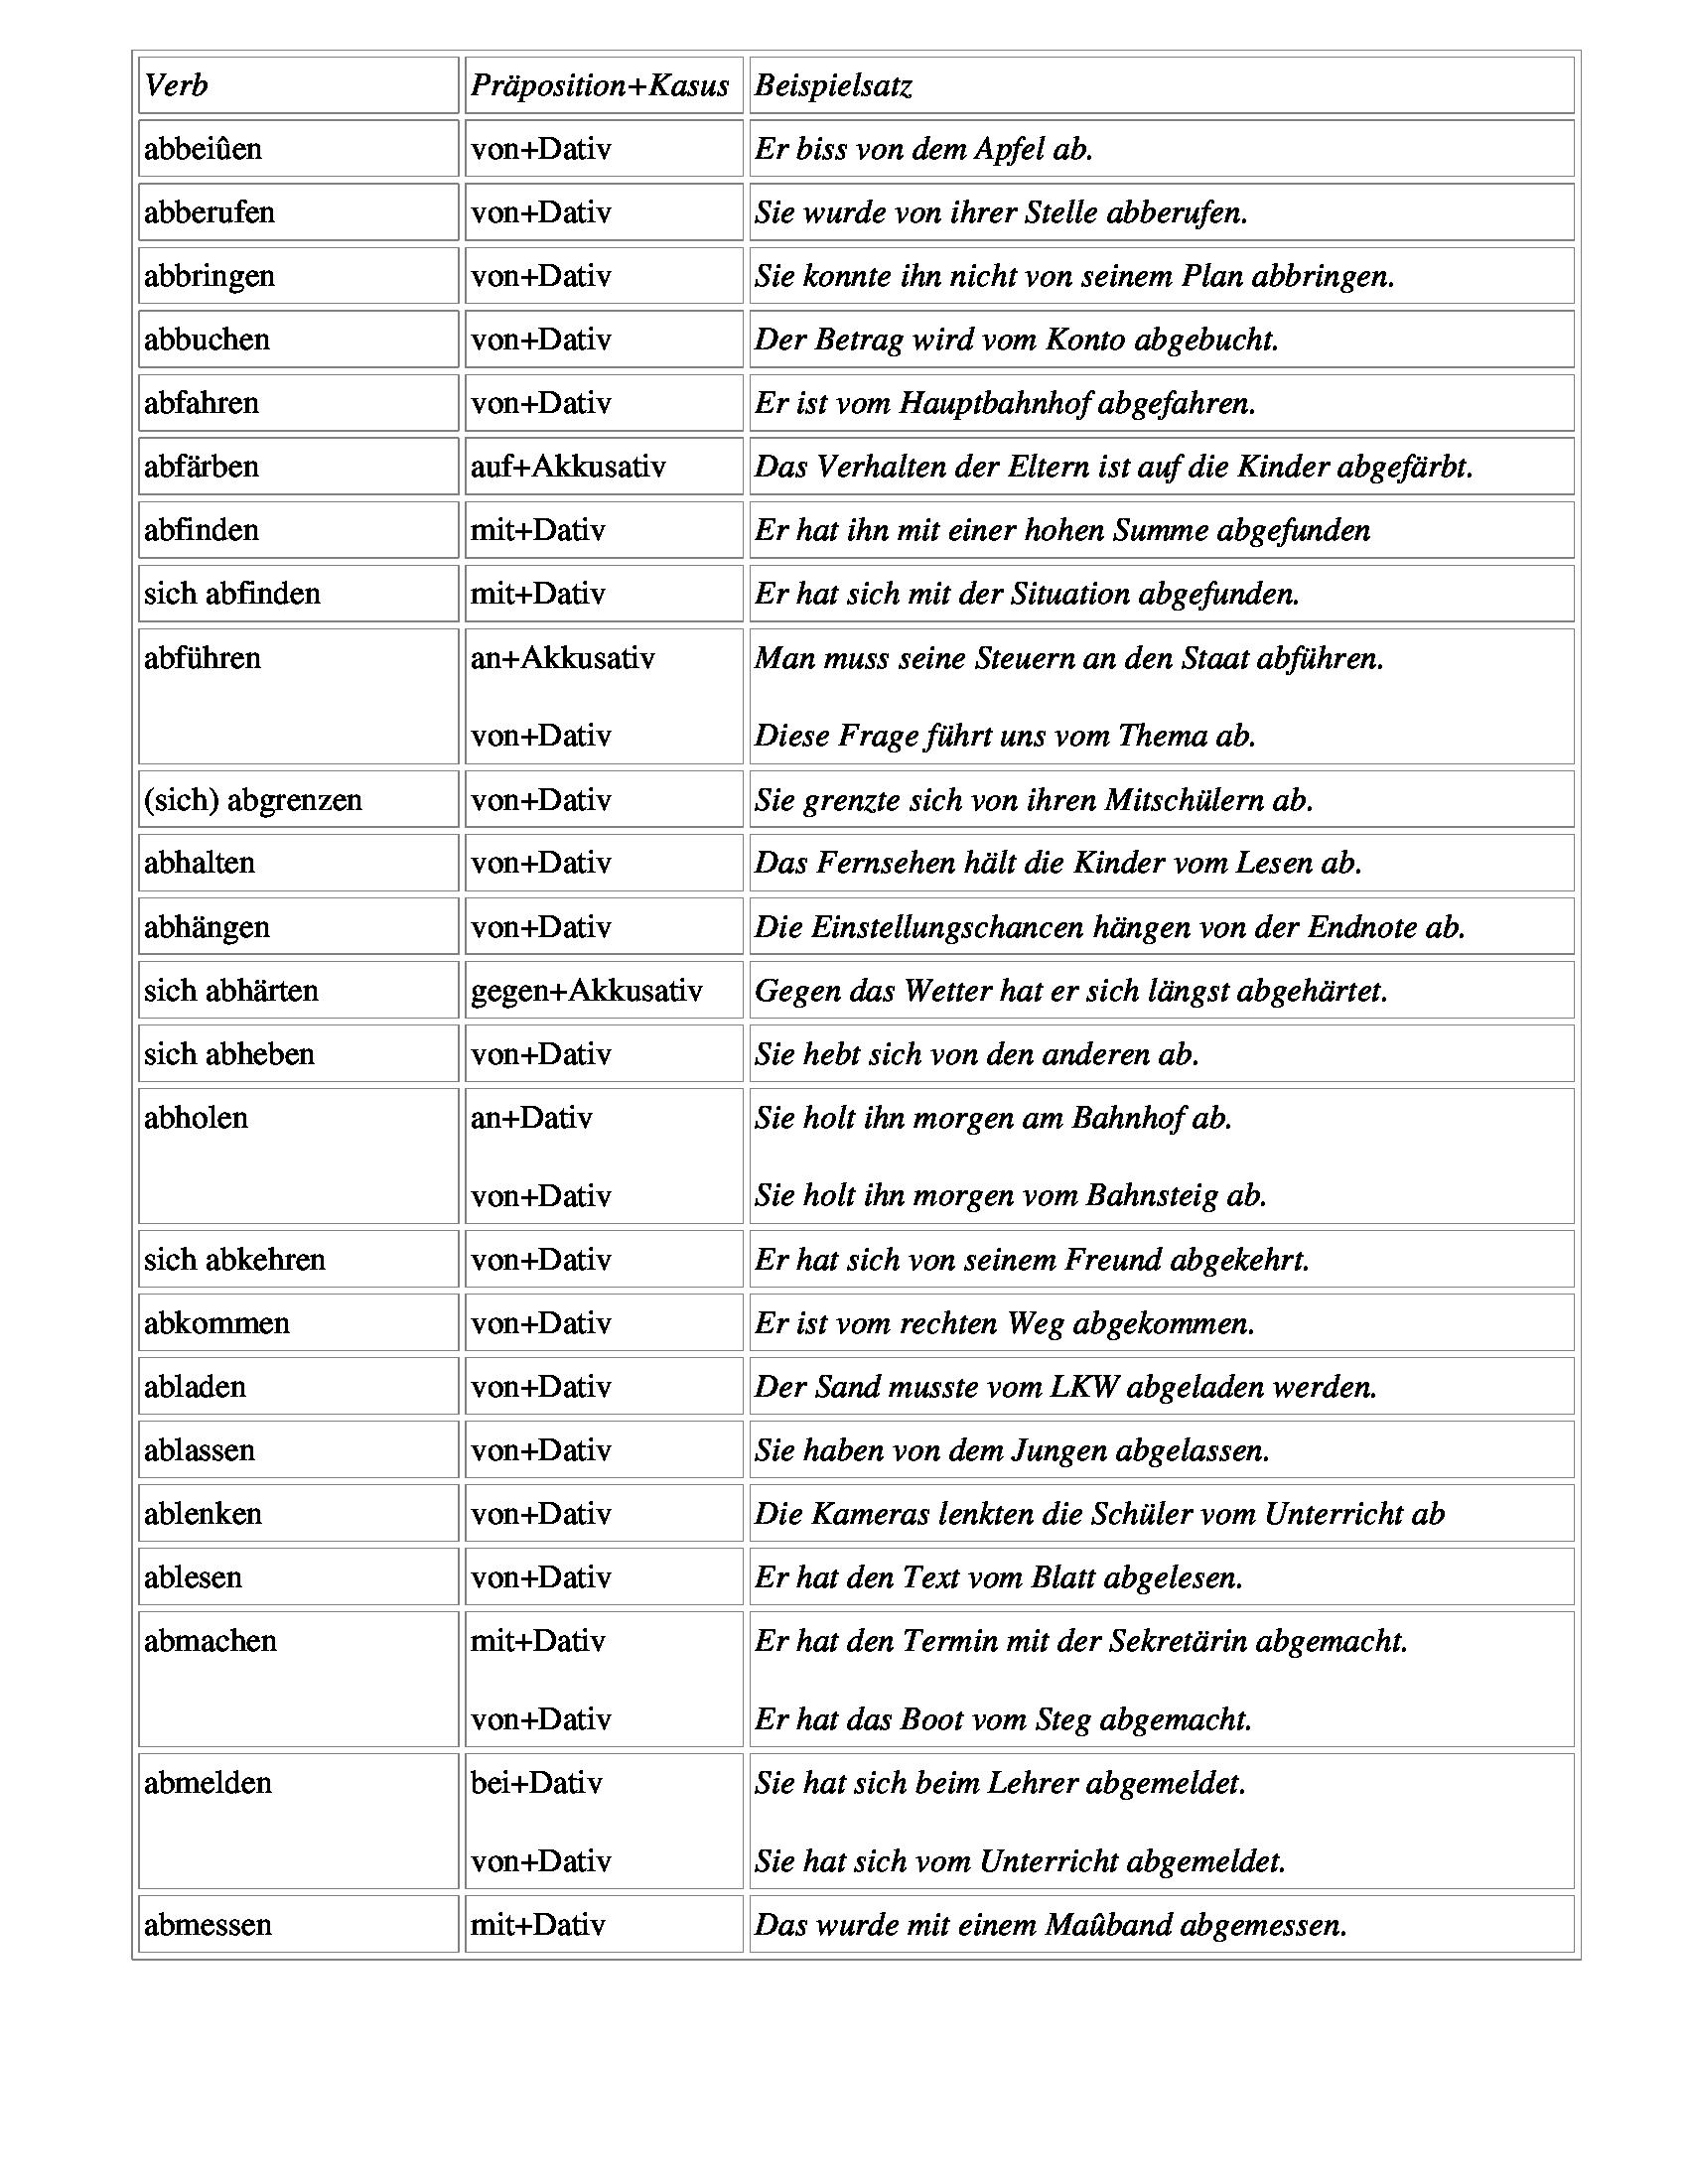 Verb Abbeissen Abberufen Abbringen Abbuchen Abfahren Abfrben Abfinden Sich Abfhren Prposition Kasus Beispielsatz Von